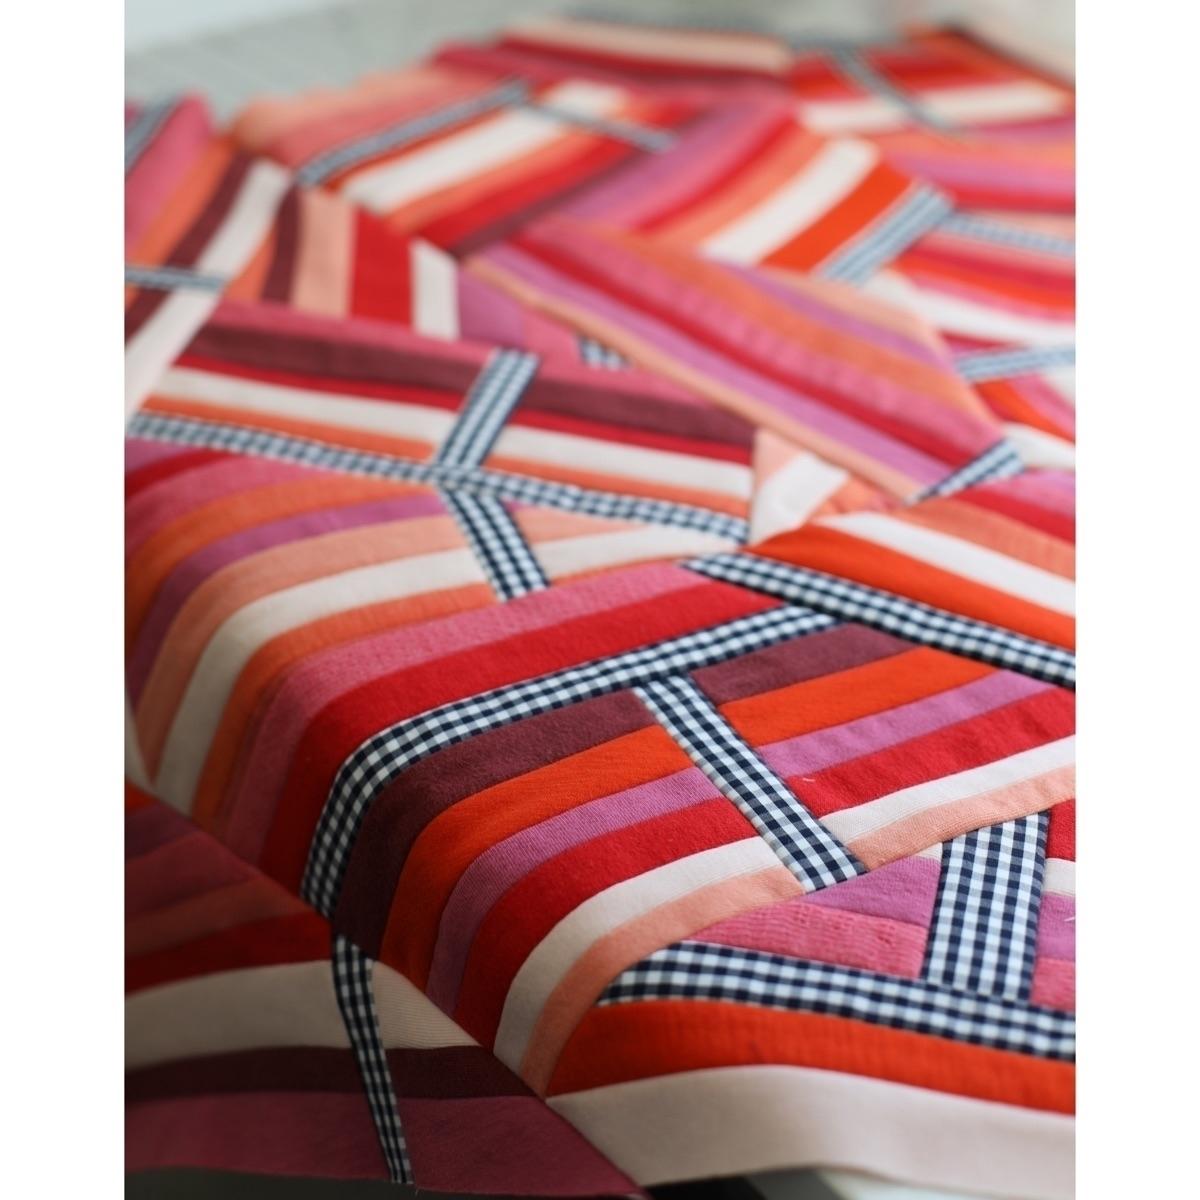 seams fave. shirts meaning  - repurpose - entropyalwayswins | ello